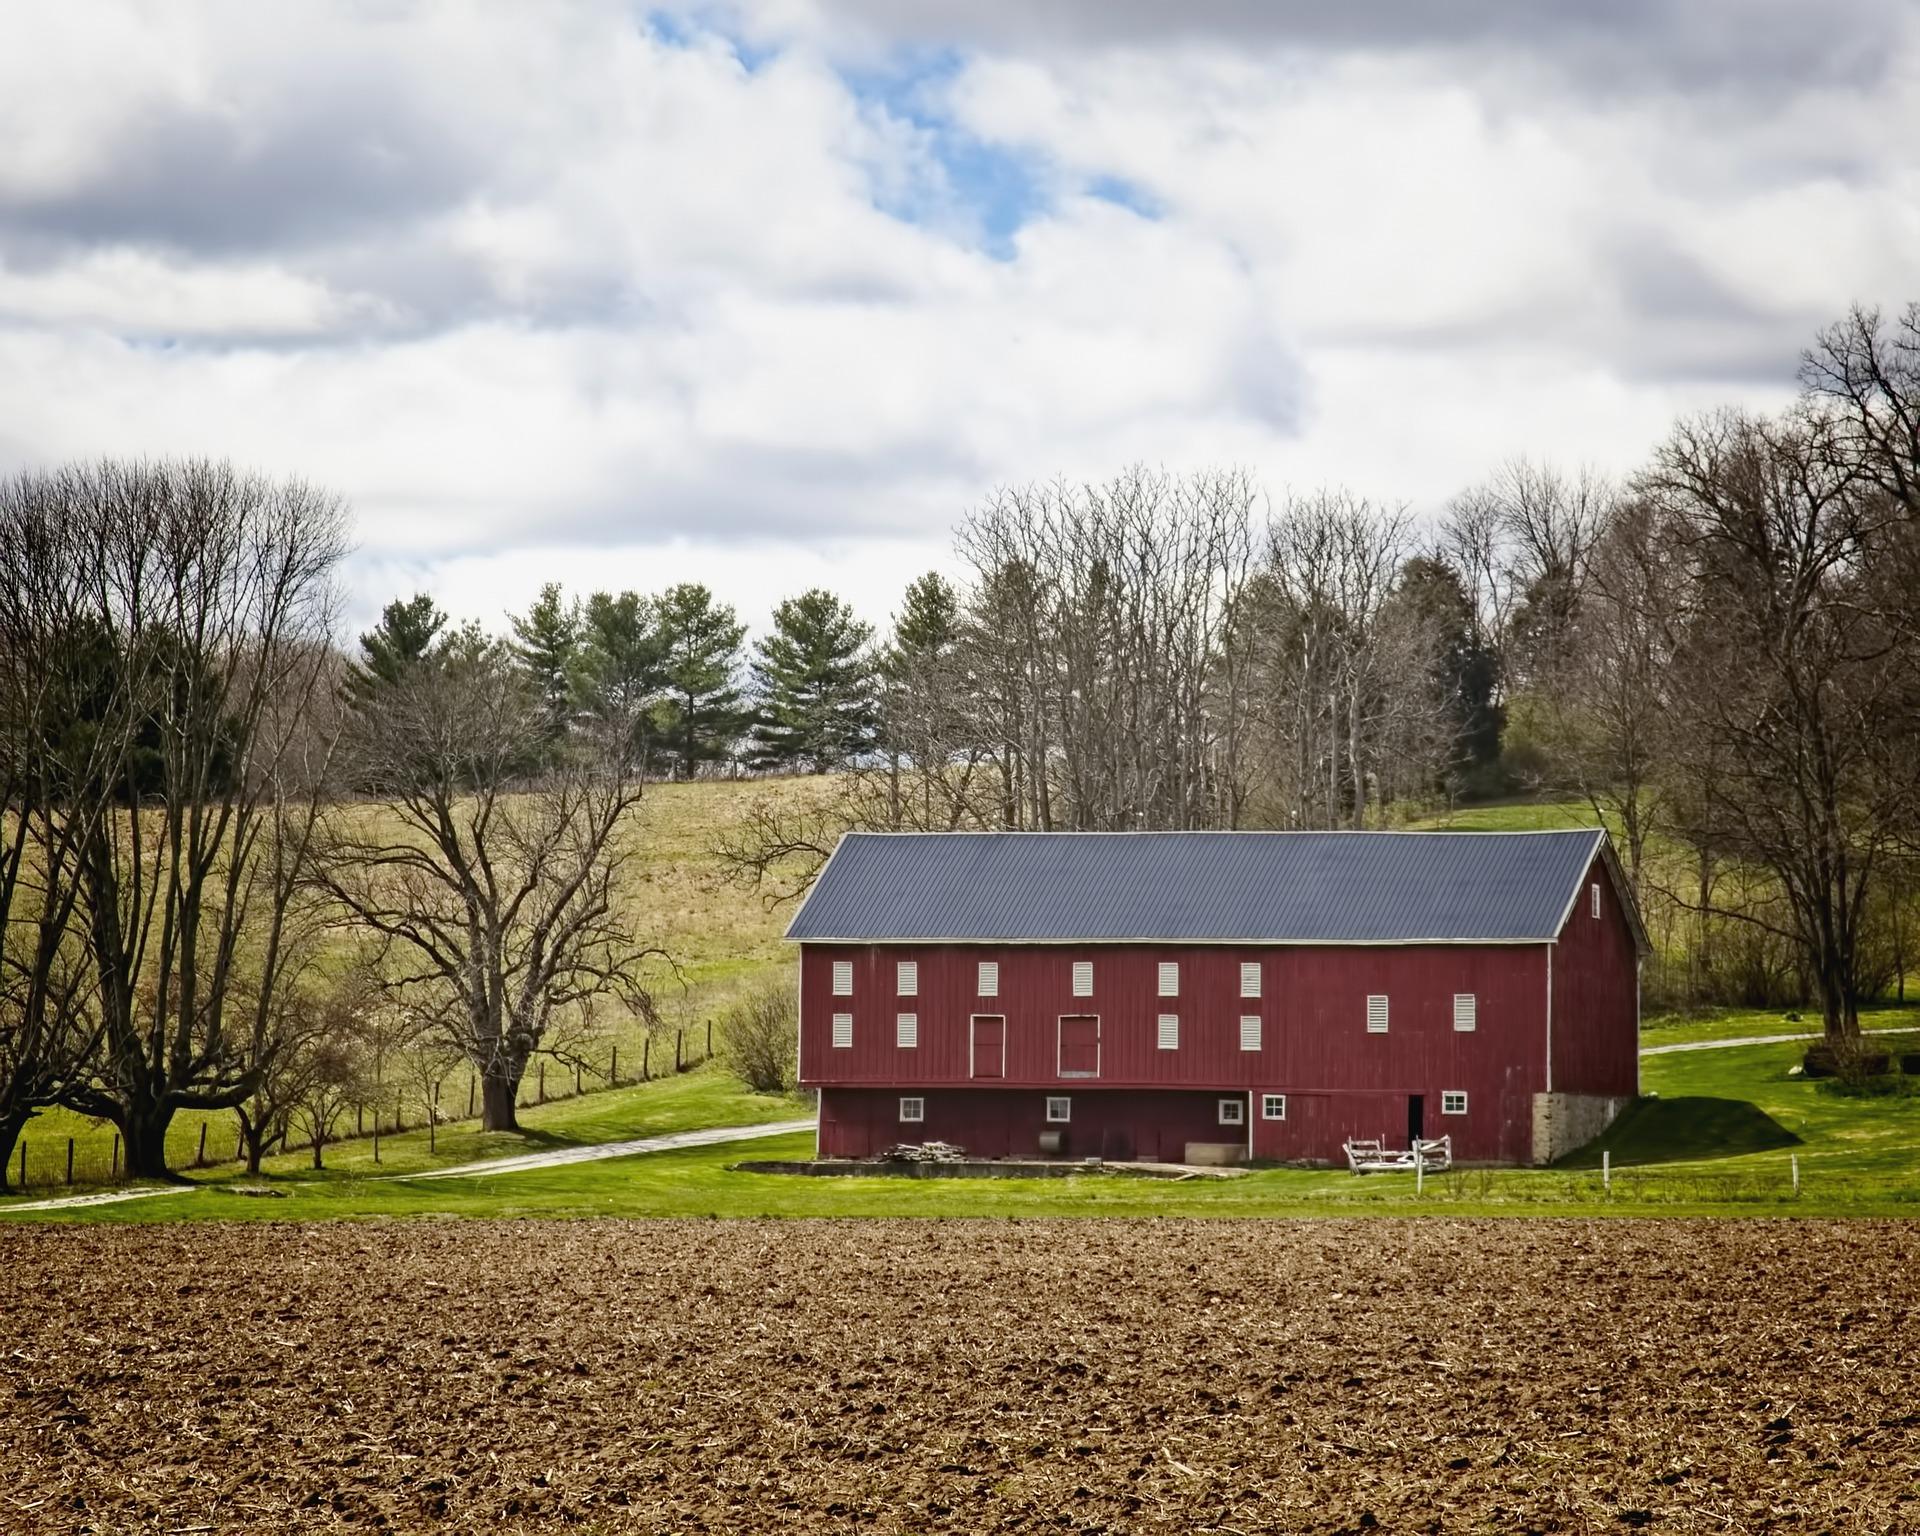 sistemas-solares-em-fazendas-americanas